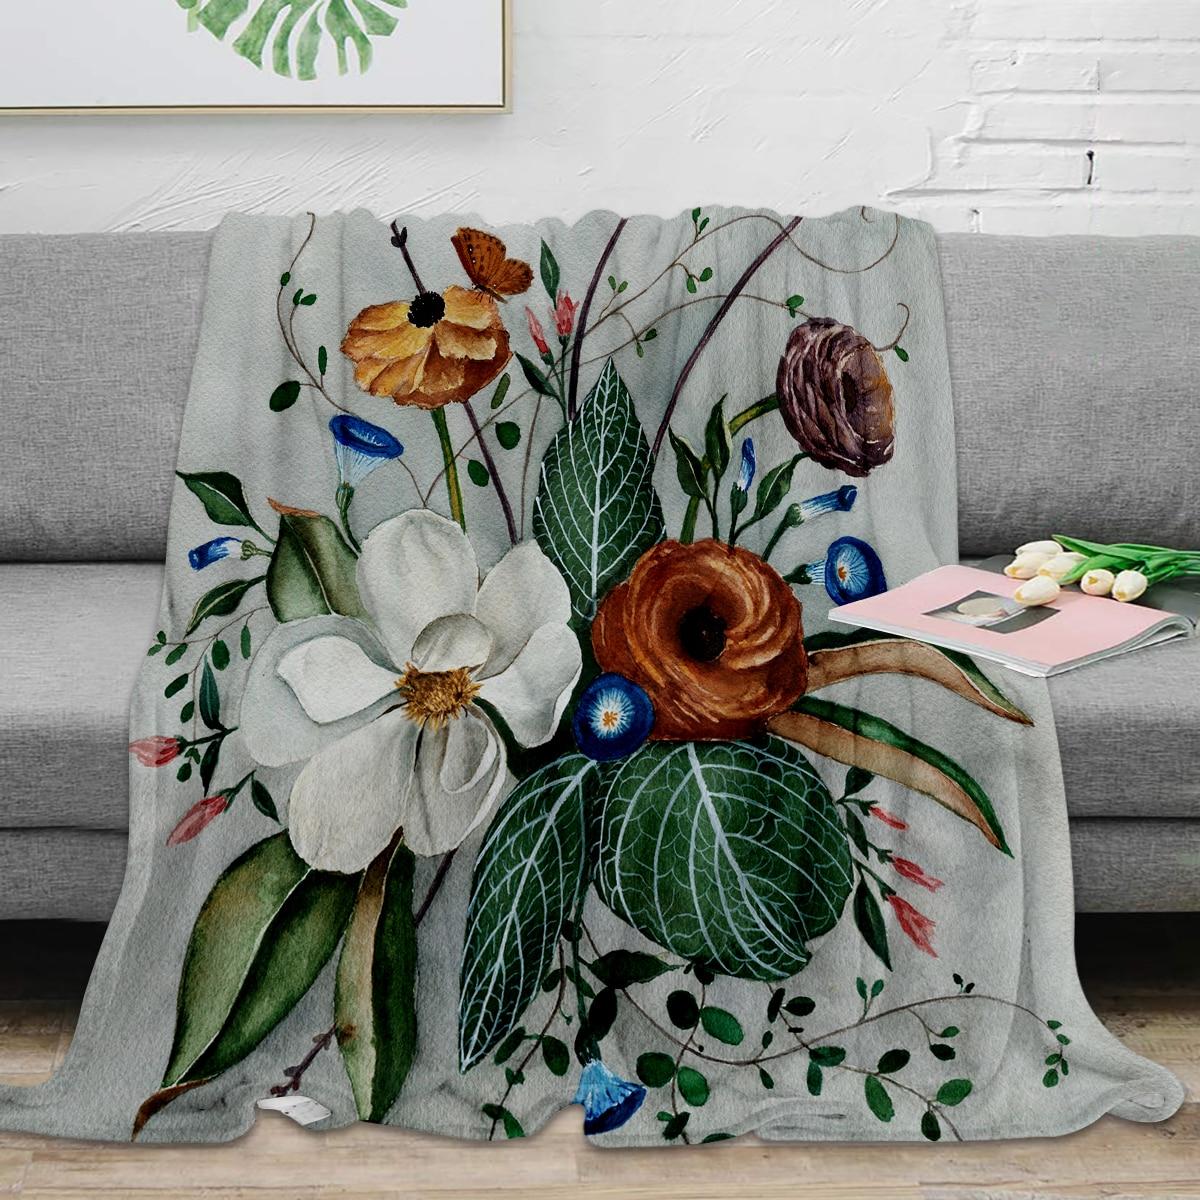 مودي ماغنوليا ترتيب رمي بطانية بطانية ناعمة دافئة الفانيلا بطانية ديكور غرفة نوم البطانيات ل أريكة تتحول لسرير